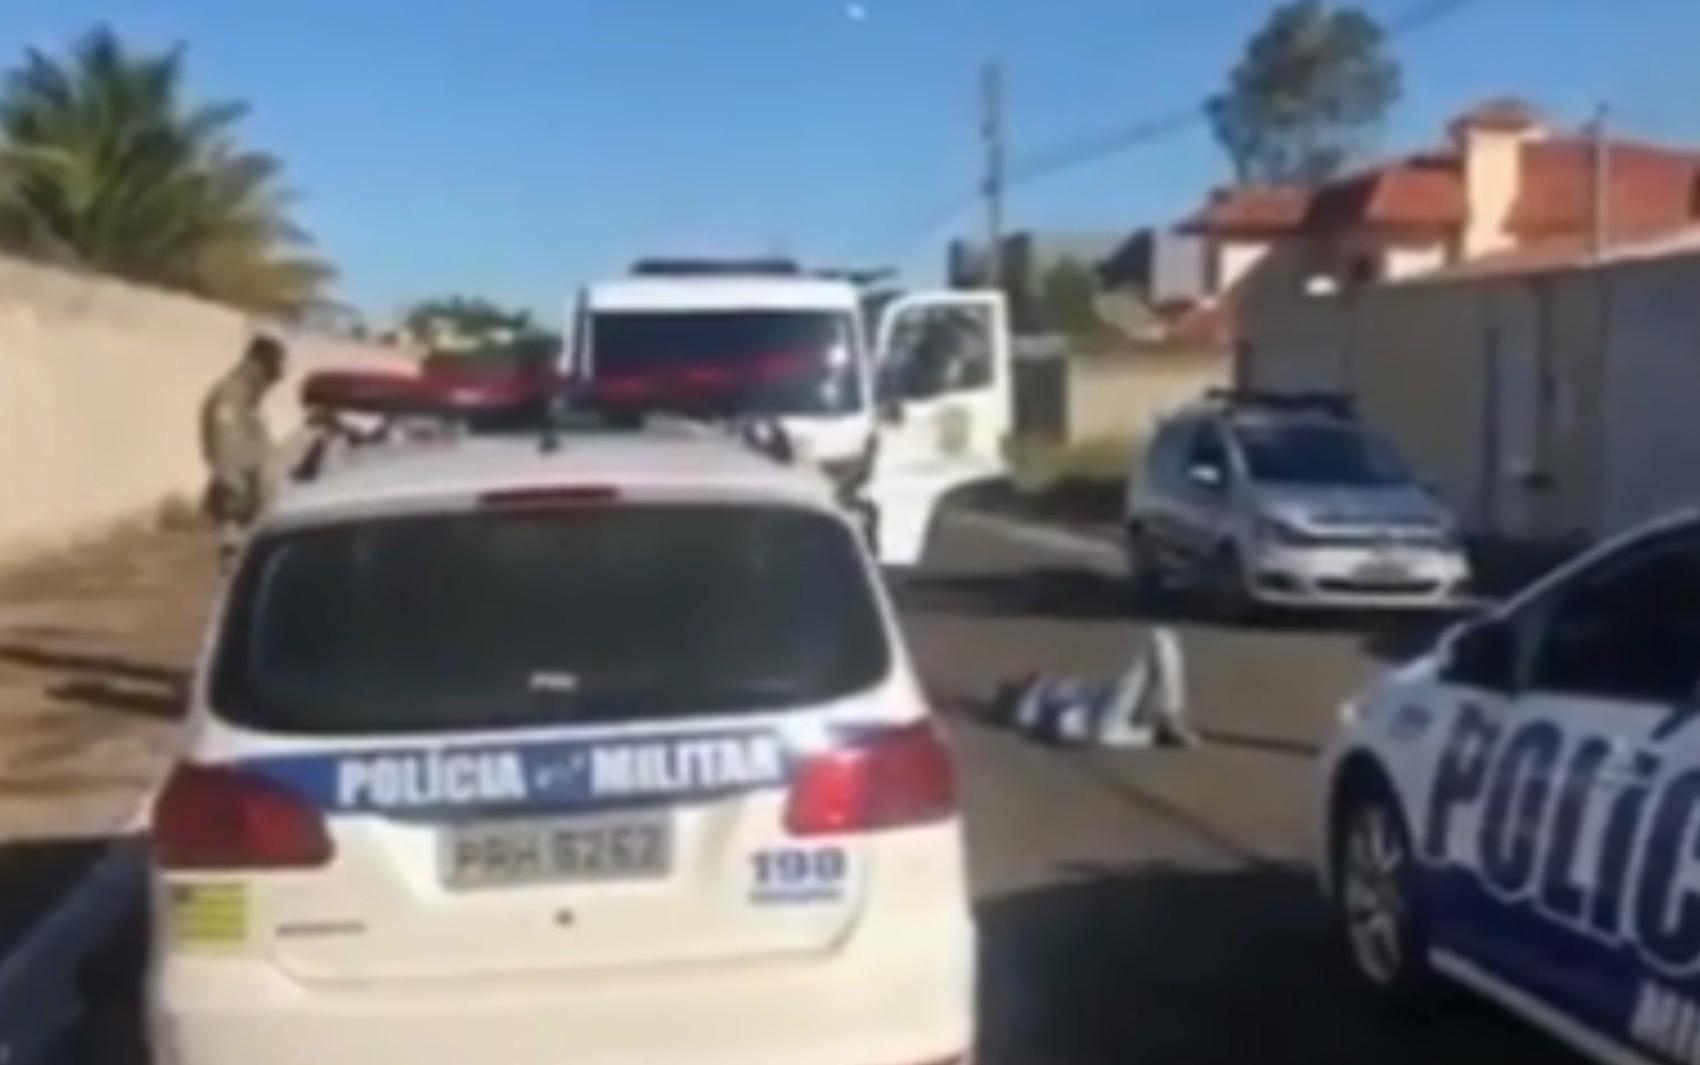 Suspeito de roubo é preso após cair da motocicleta durante fuga, em Caldas Novas